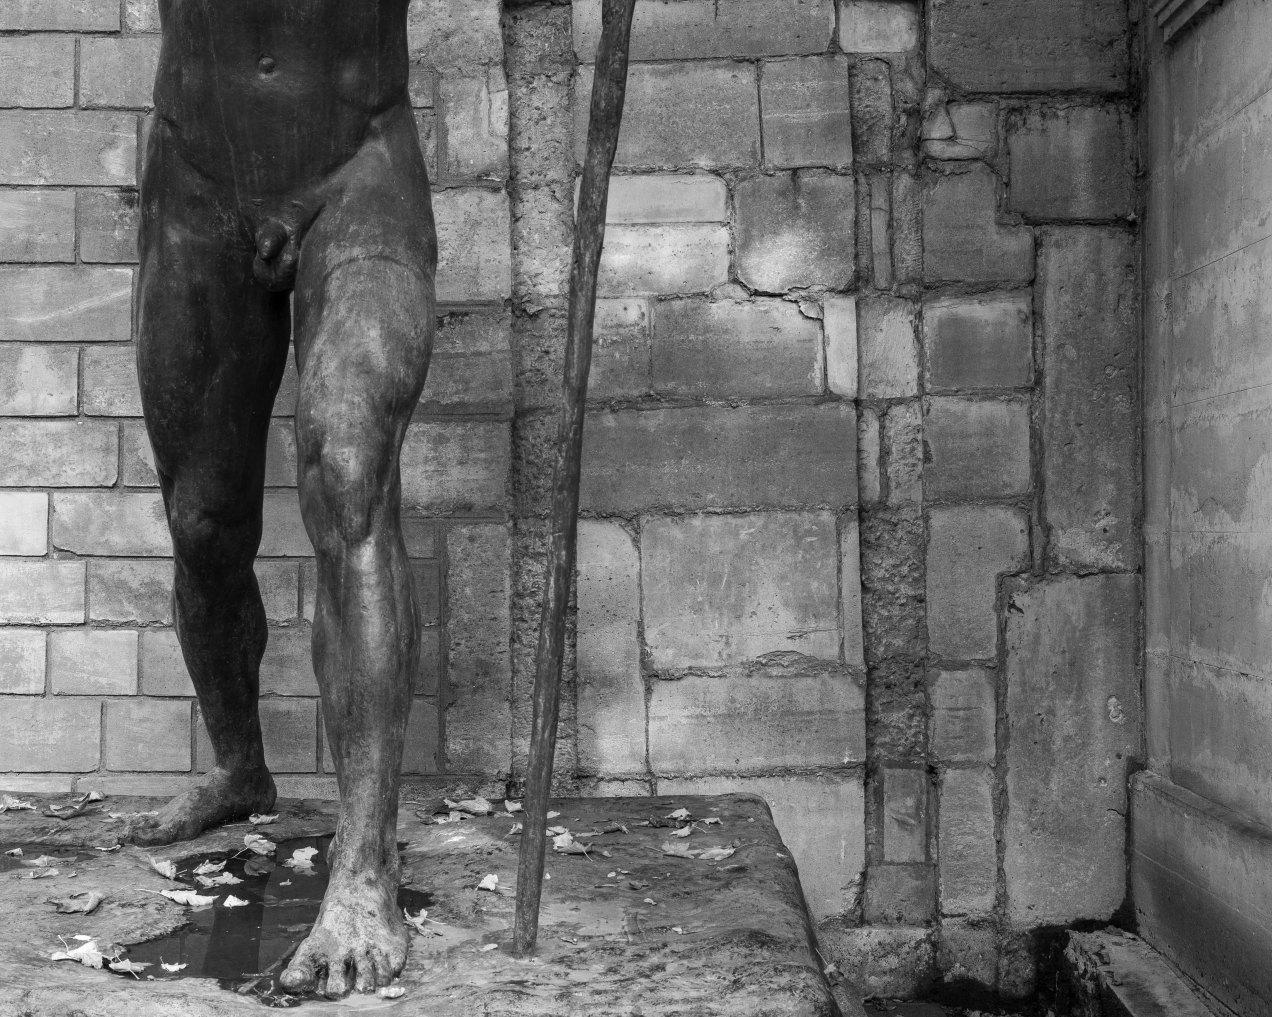 Sépulture d'Otto Klaus Preis, sculpture de Paul Landowski, cimetière de Montmatre, gildalliere, 2019